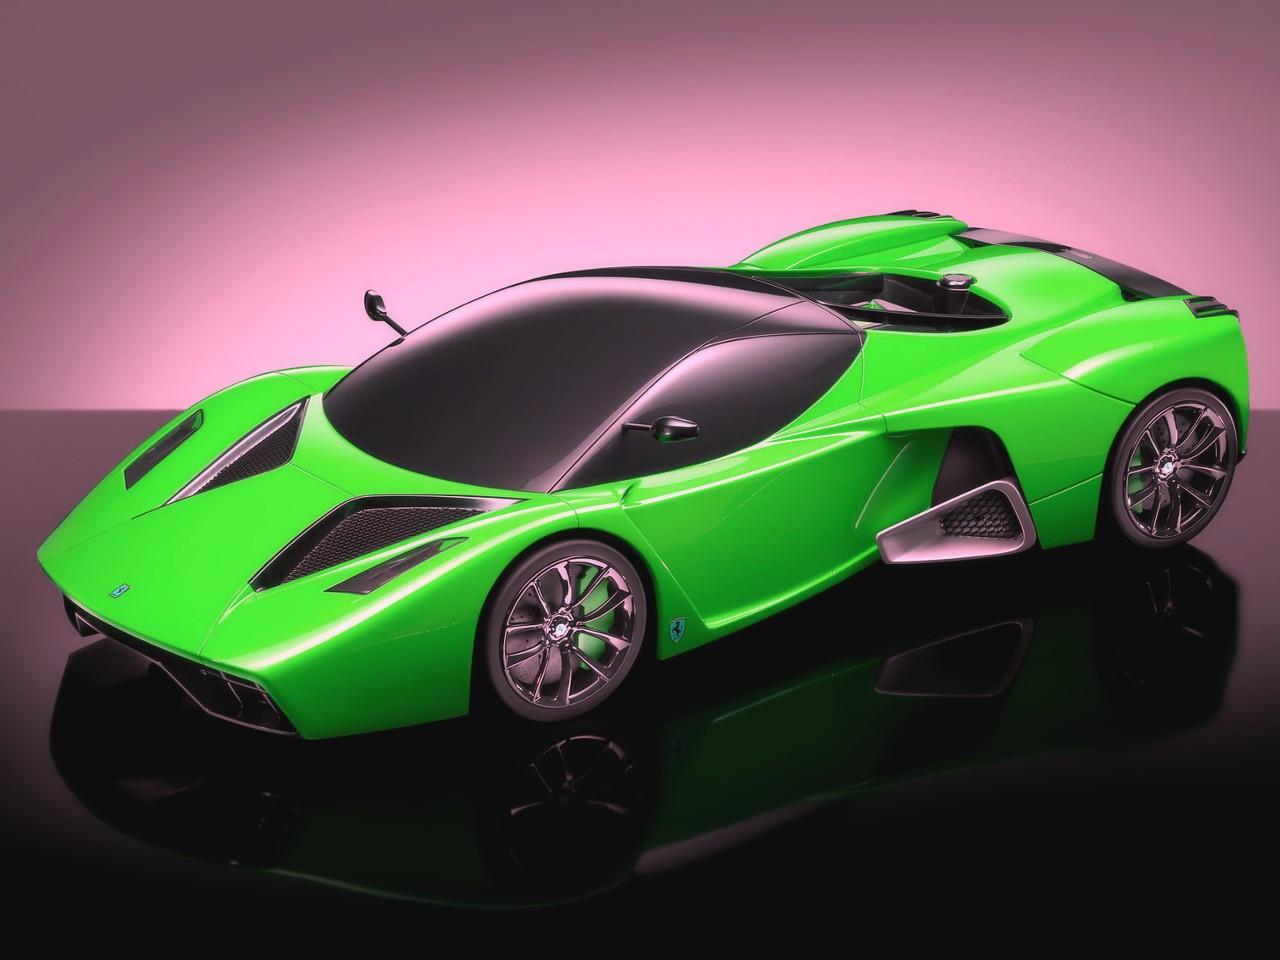 Fond D'écran Animé Ferrari